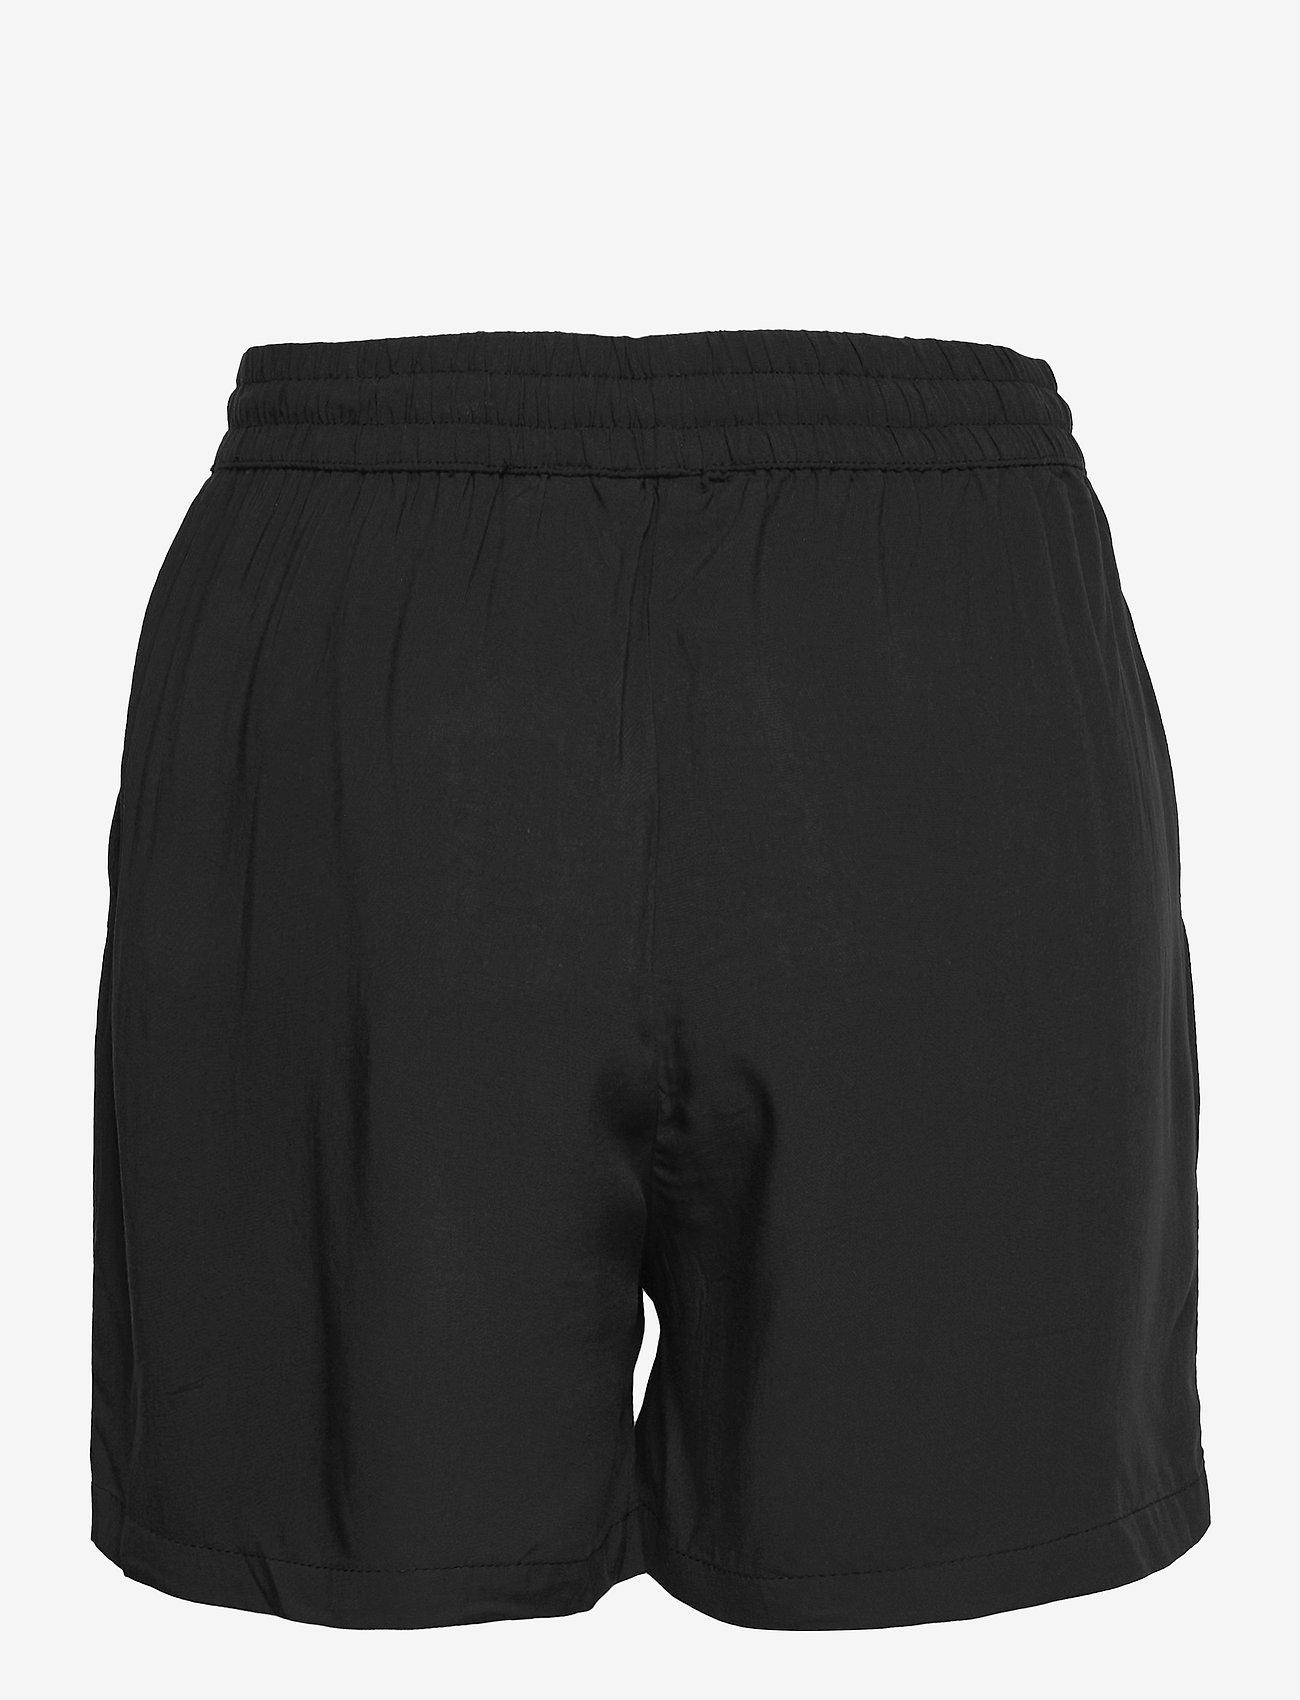 b.young - BYMMJOELLA SHORTS - - shorts casual - black - 1